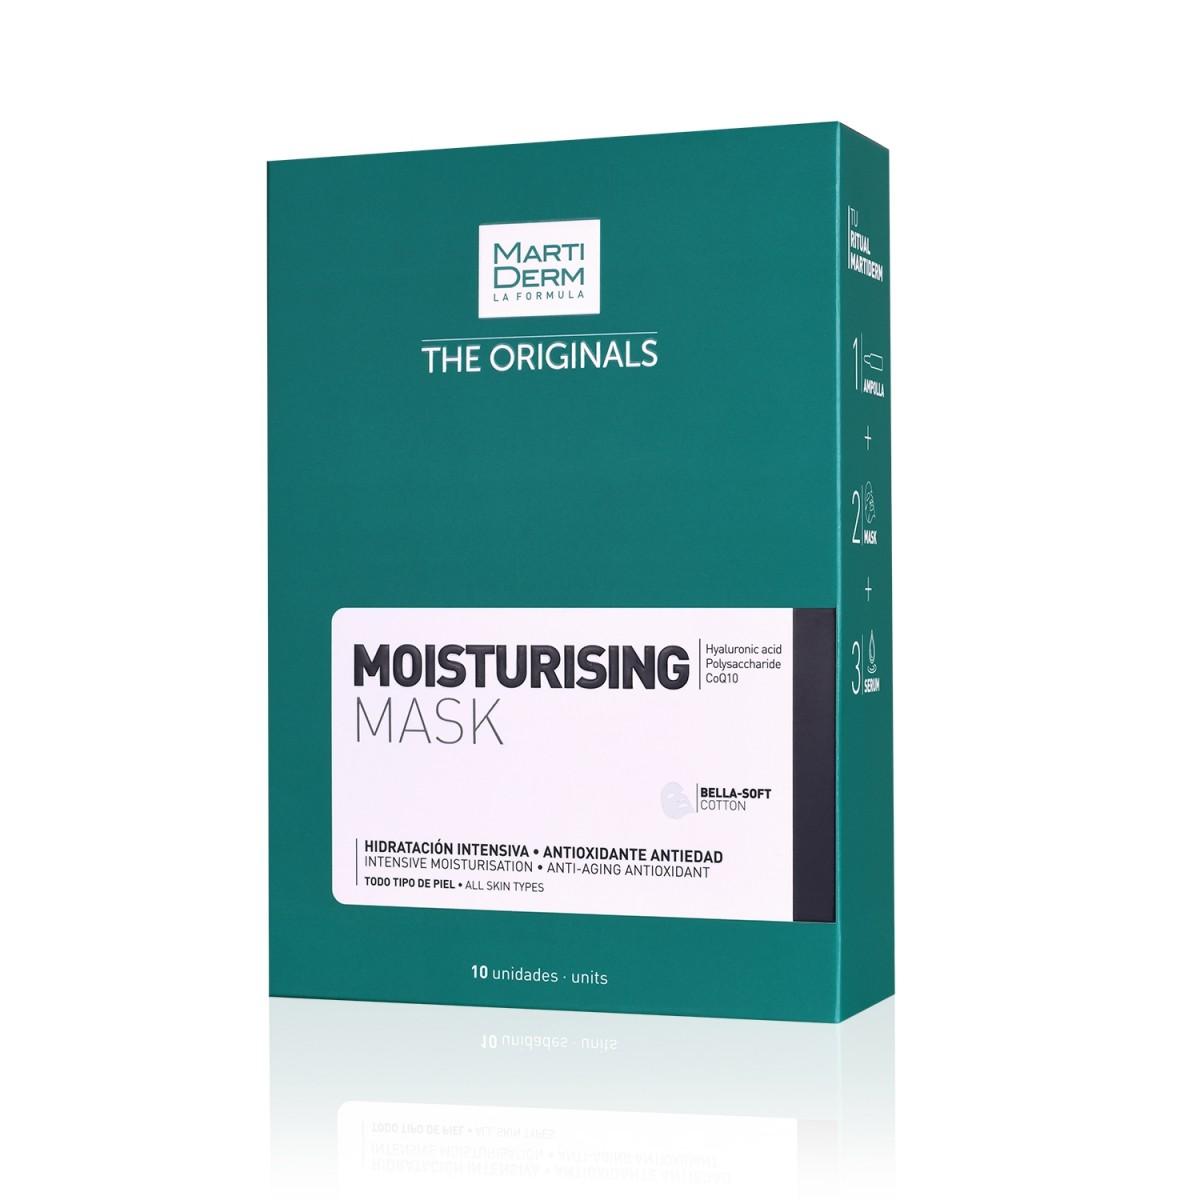 Увлажняющая тканевая маска Martiderm - упаковка 10 шт